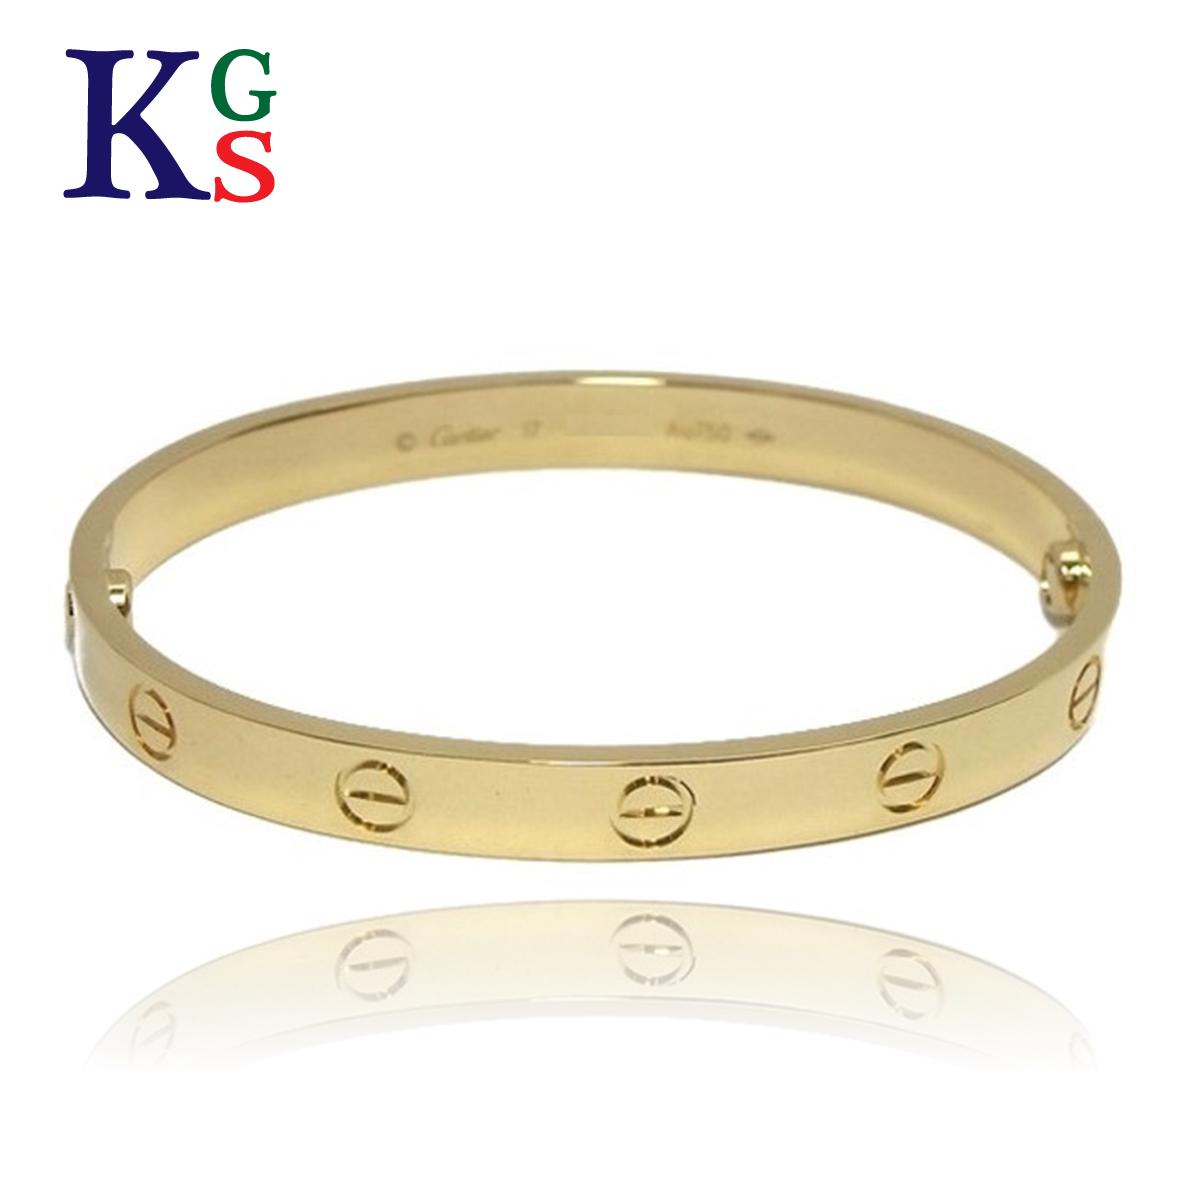 karyon Cartier /Cartier / bracelet unisex gold / love breath / K18YG 750  yellow gold